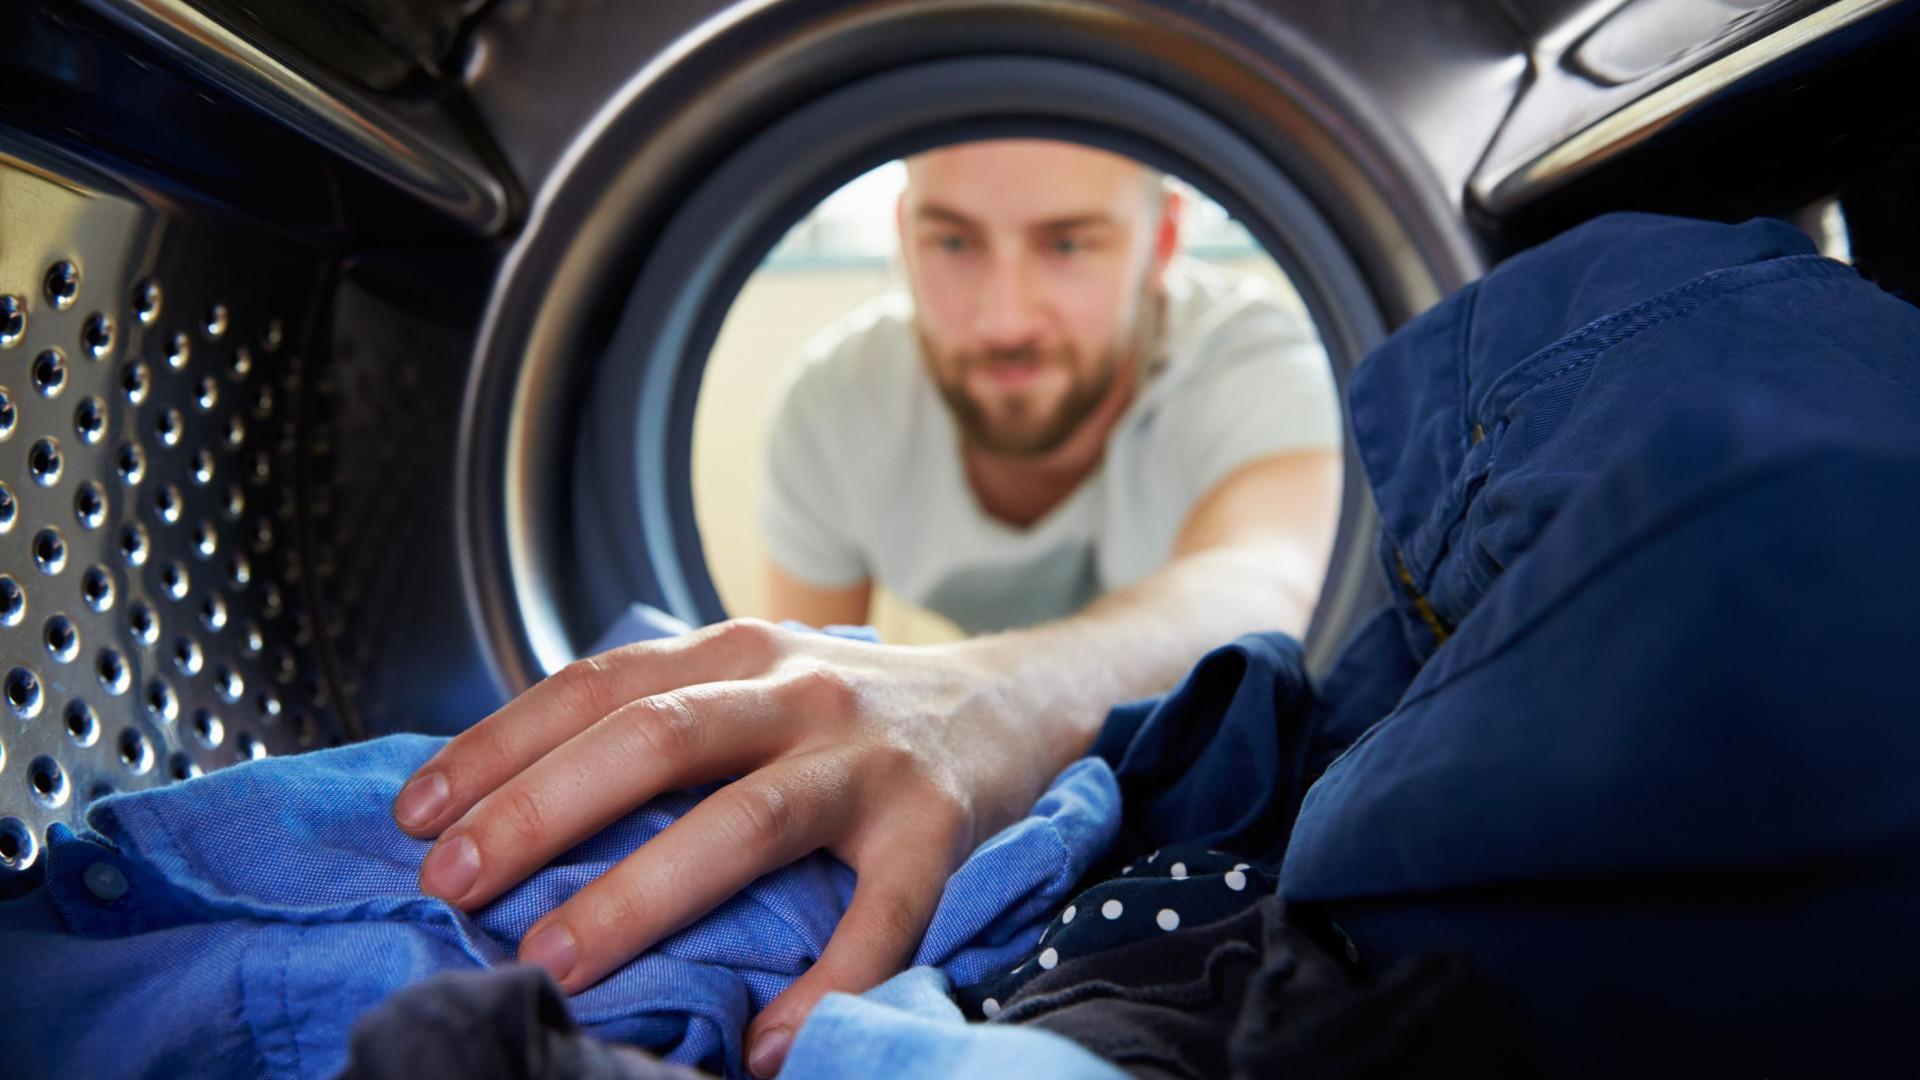 e0ca801ba50 Seis objetos que jamais deve colocar na máquina de lavar roupa